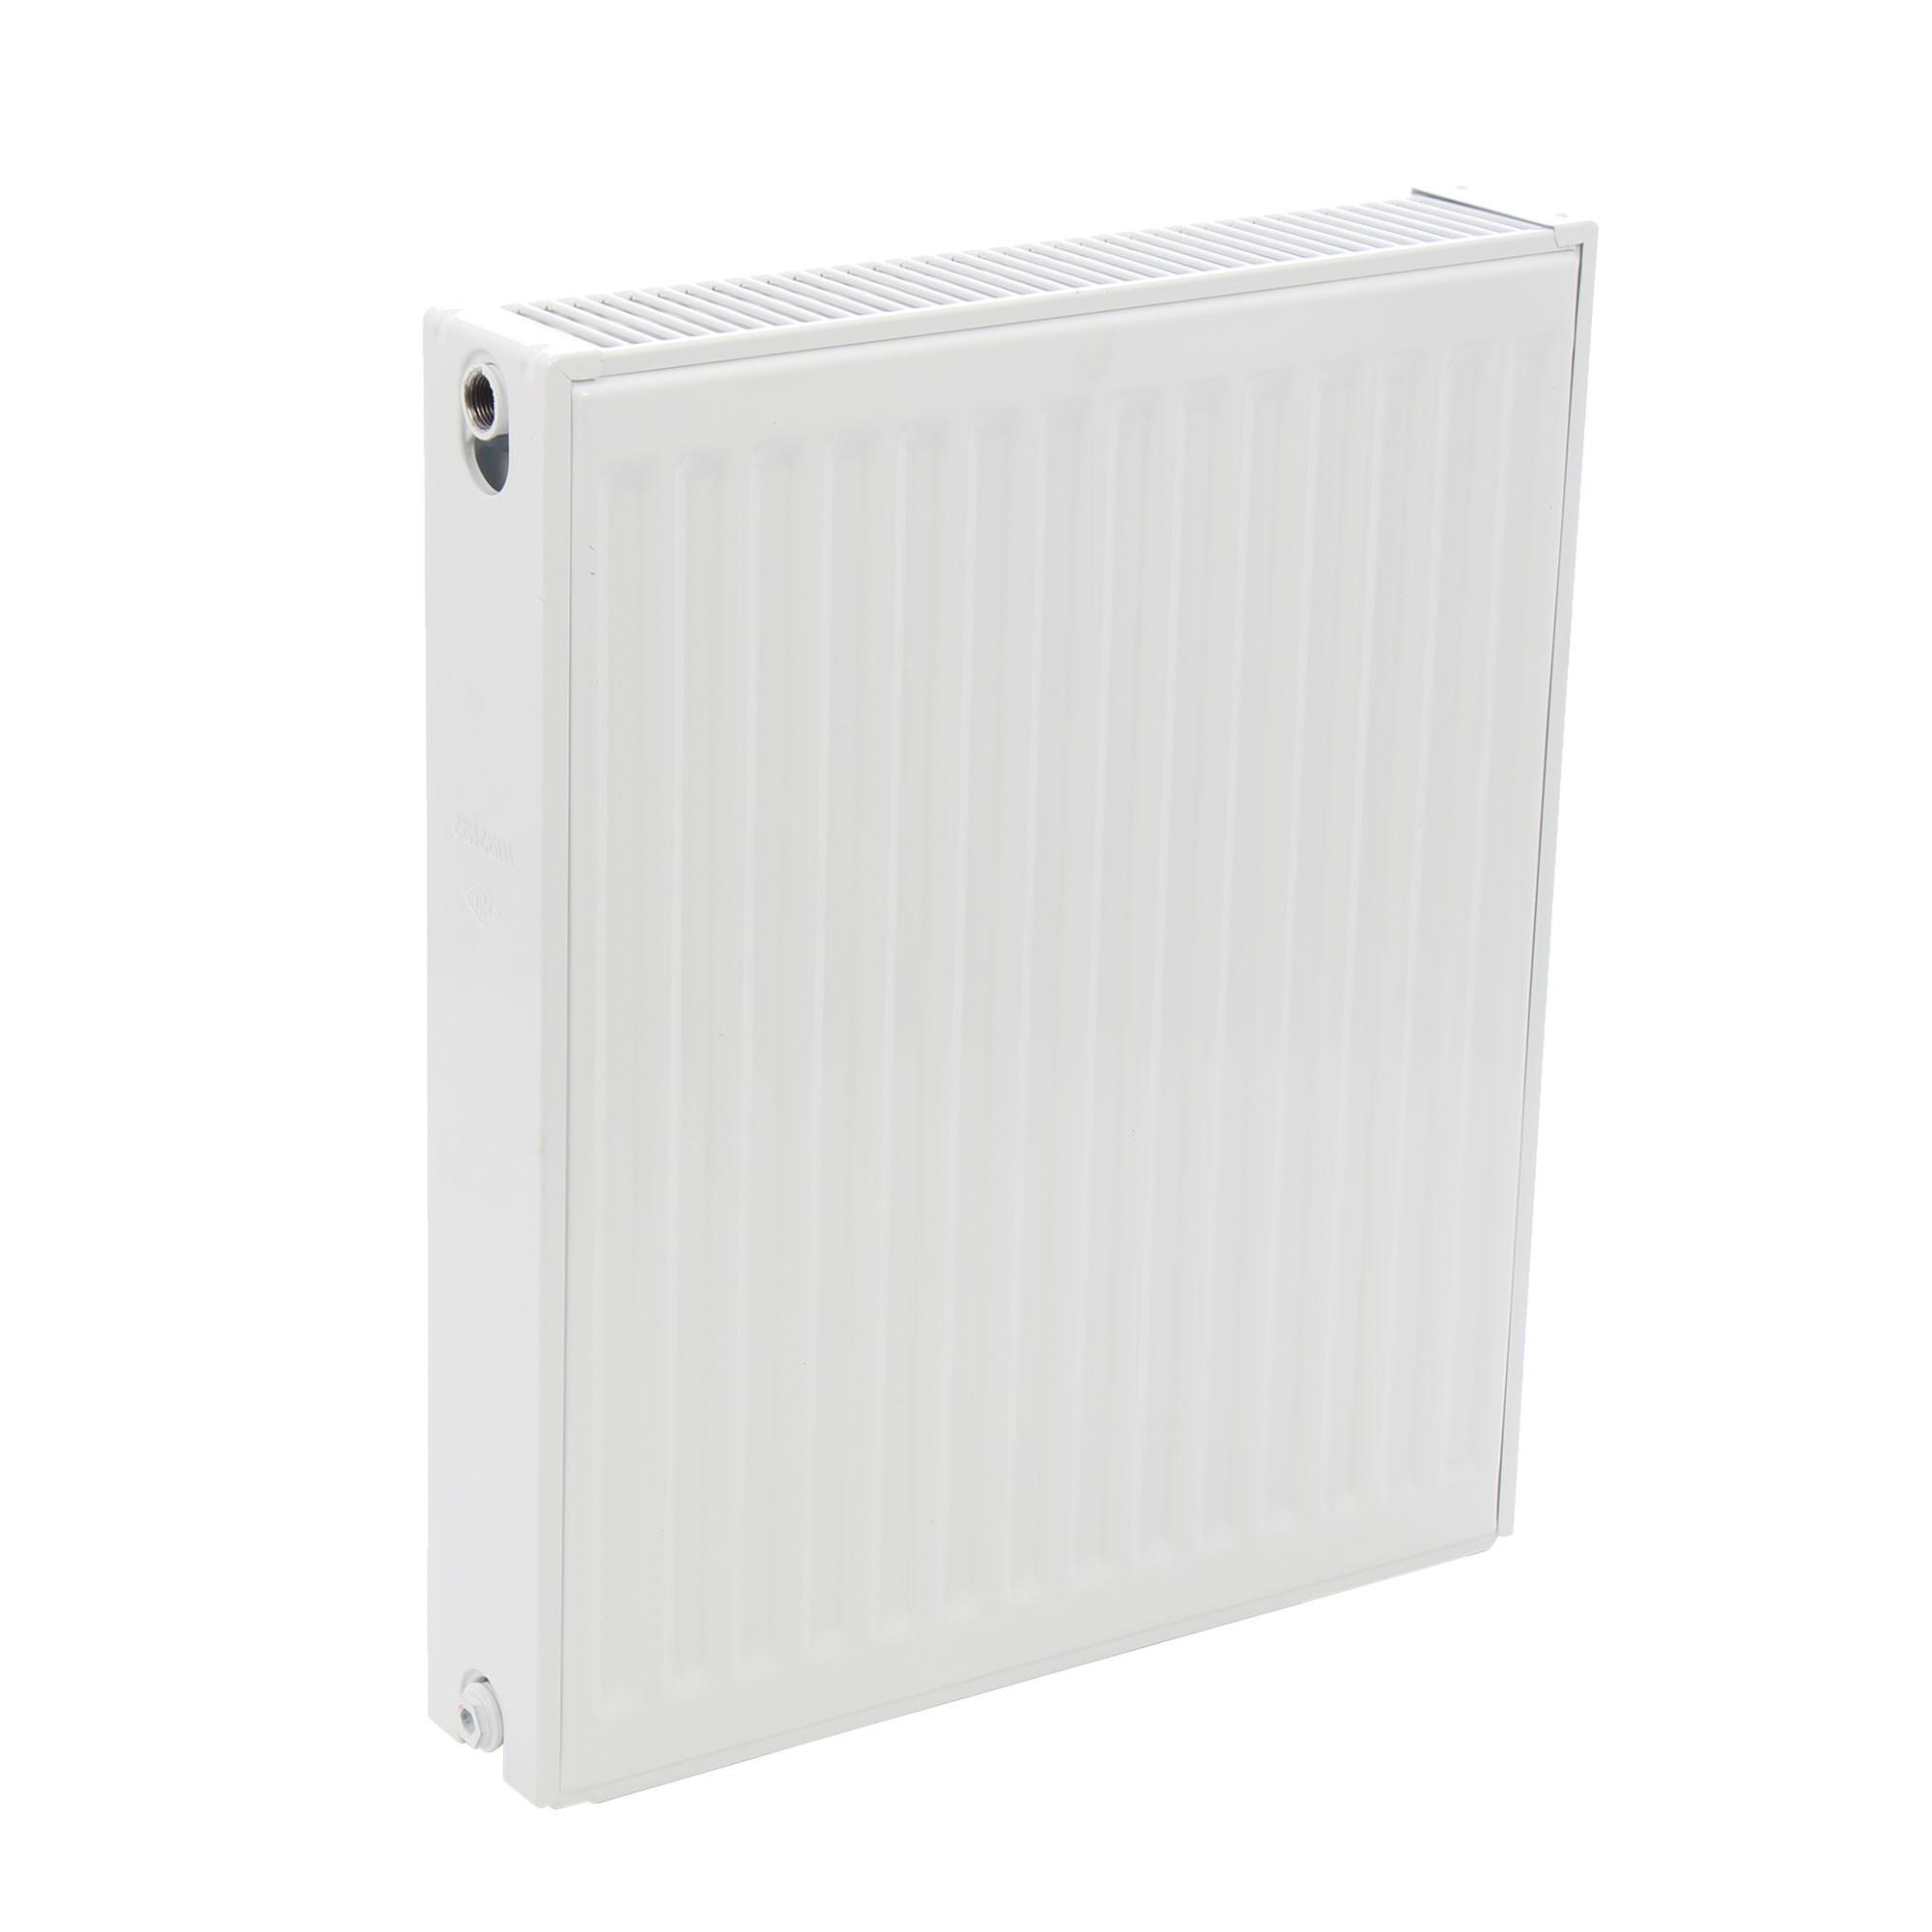 Radiator (calorifer) otel VIGO 22, 600 x 500 mm, accesorii incluse fornello imagine